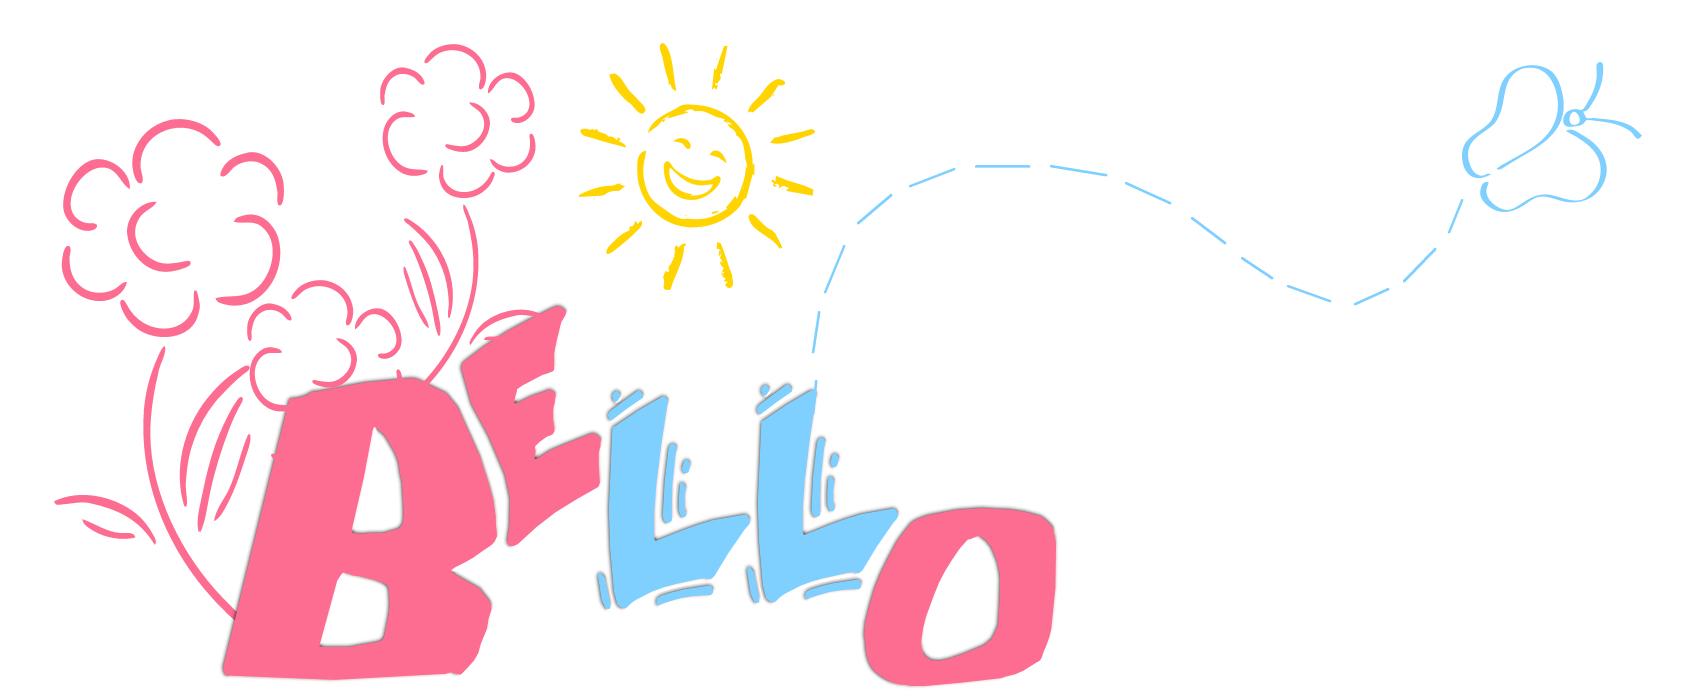 Sklep Bello - pościel dla dzieci w gwiazdki